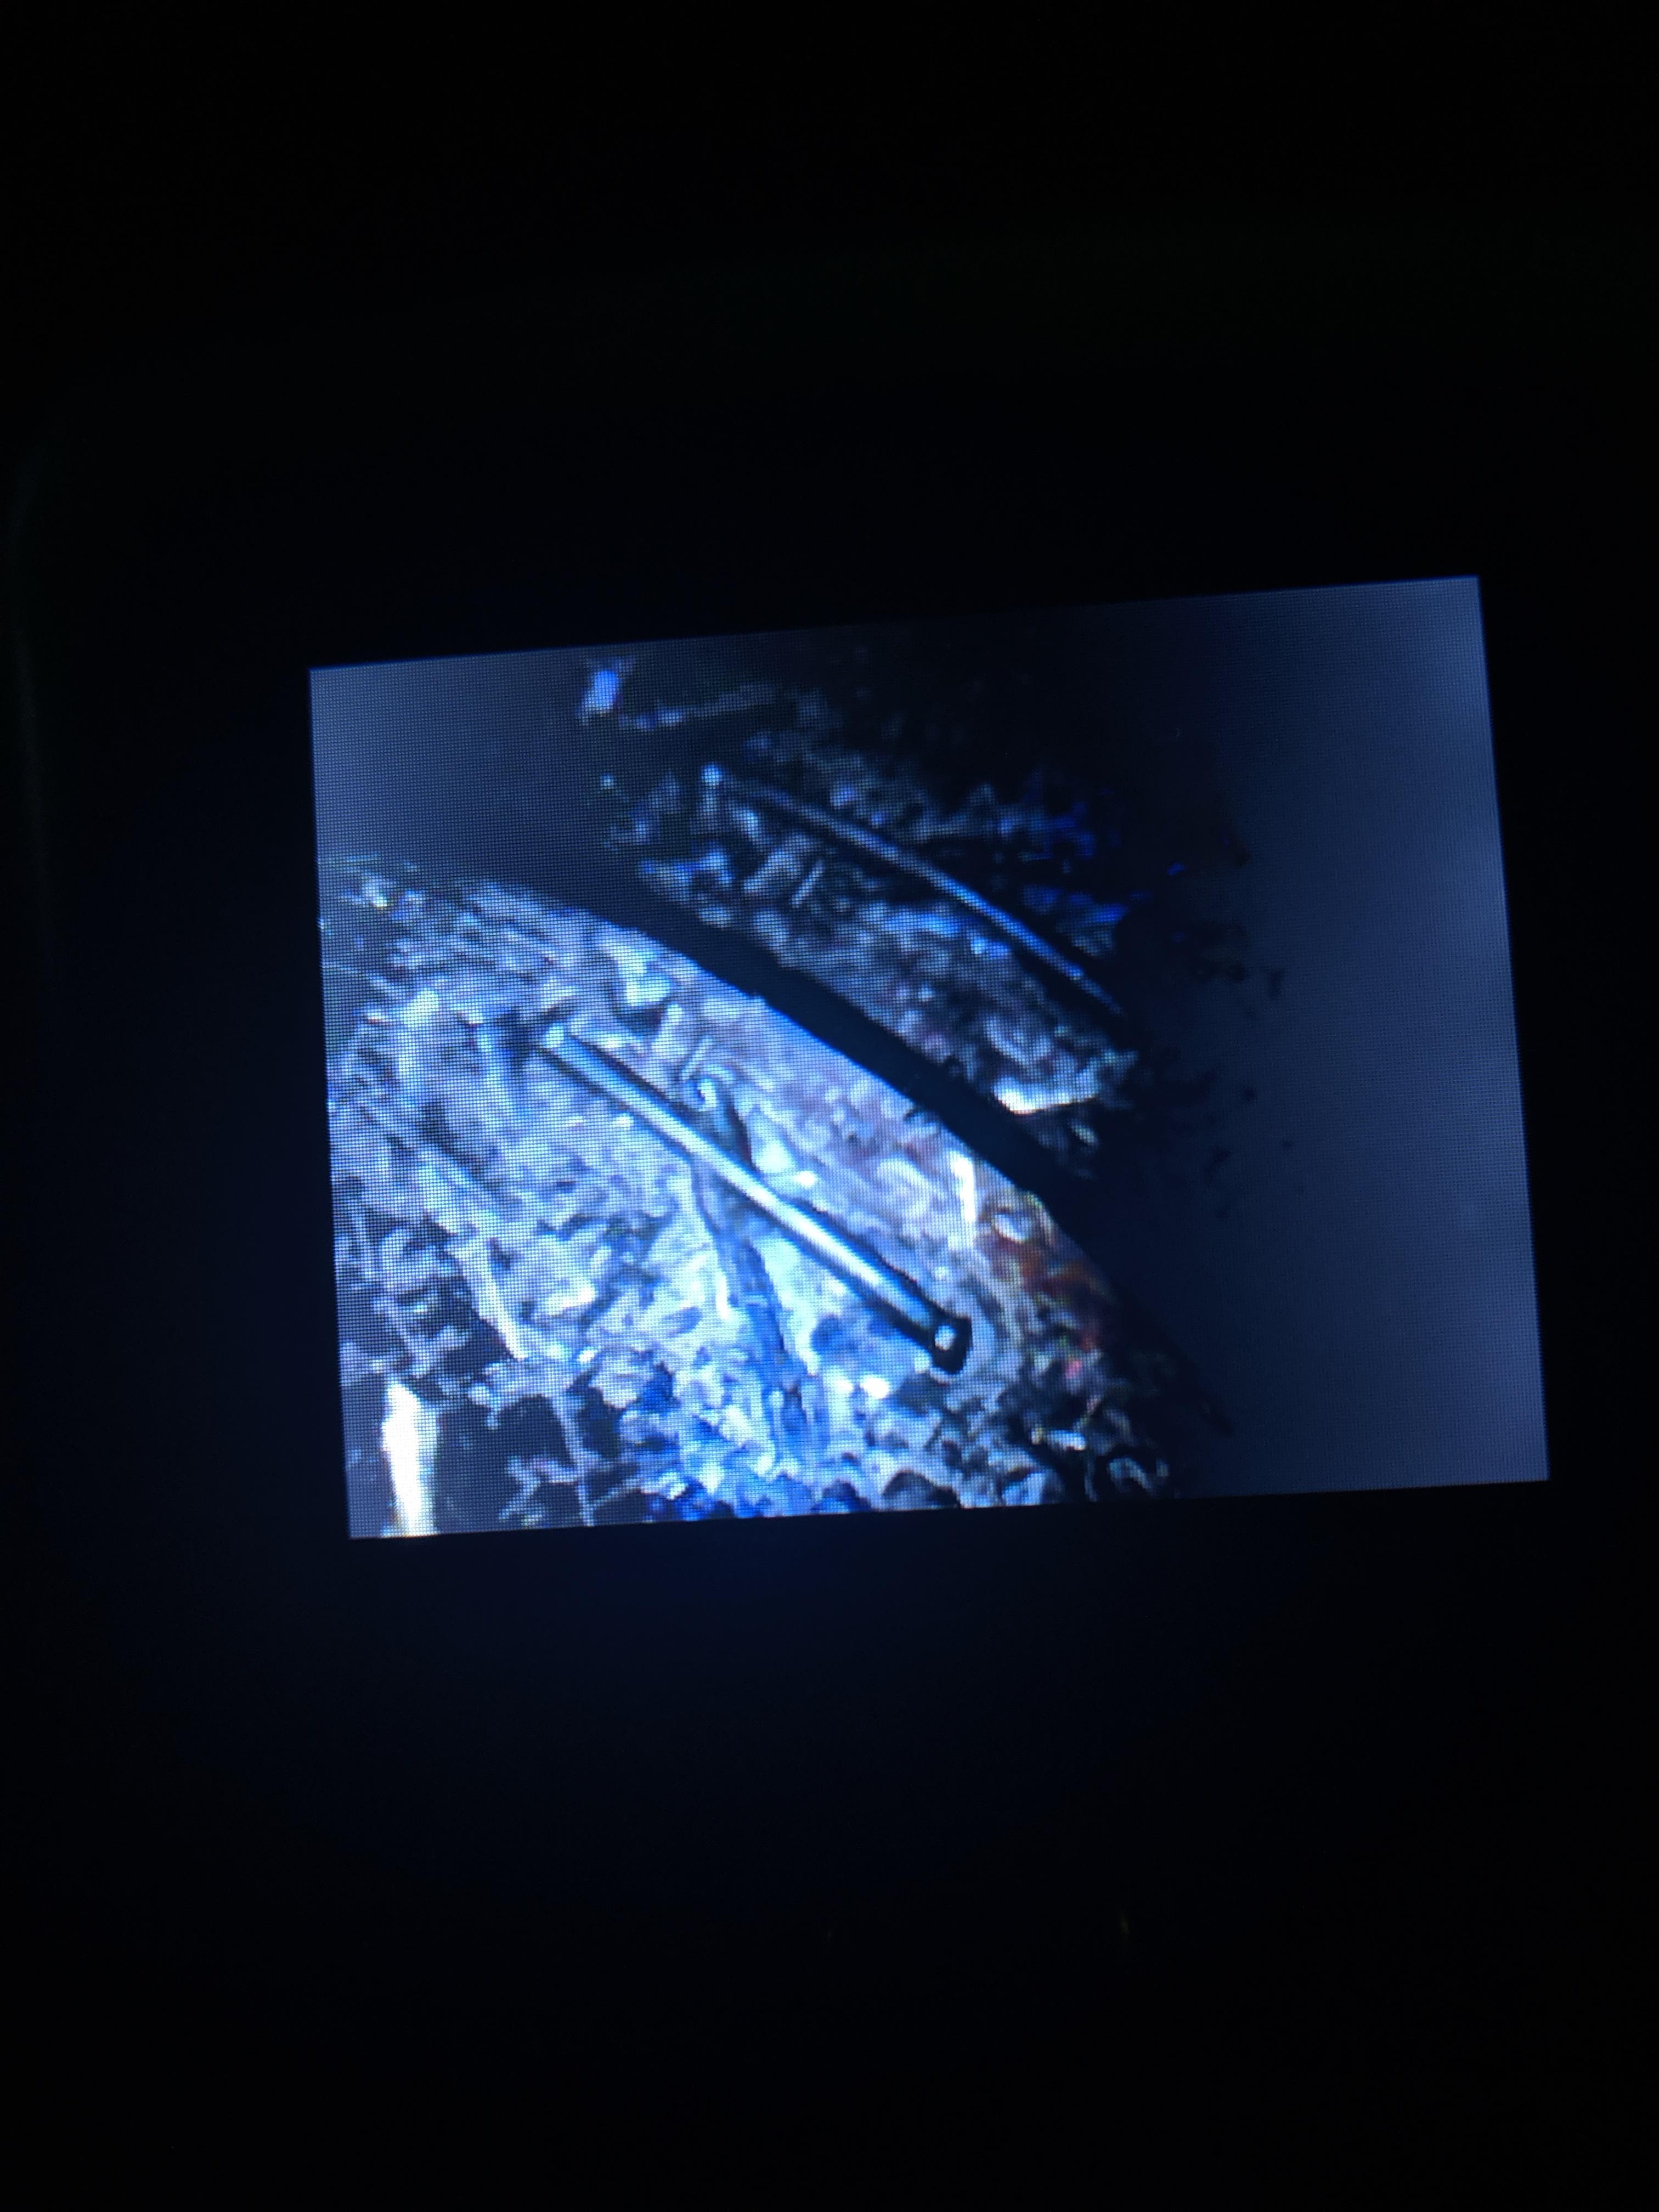 2012 Durango RT 392 Swap-img_20190517_230950_1558161398393.jpg